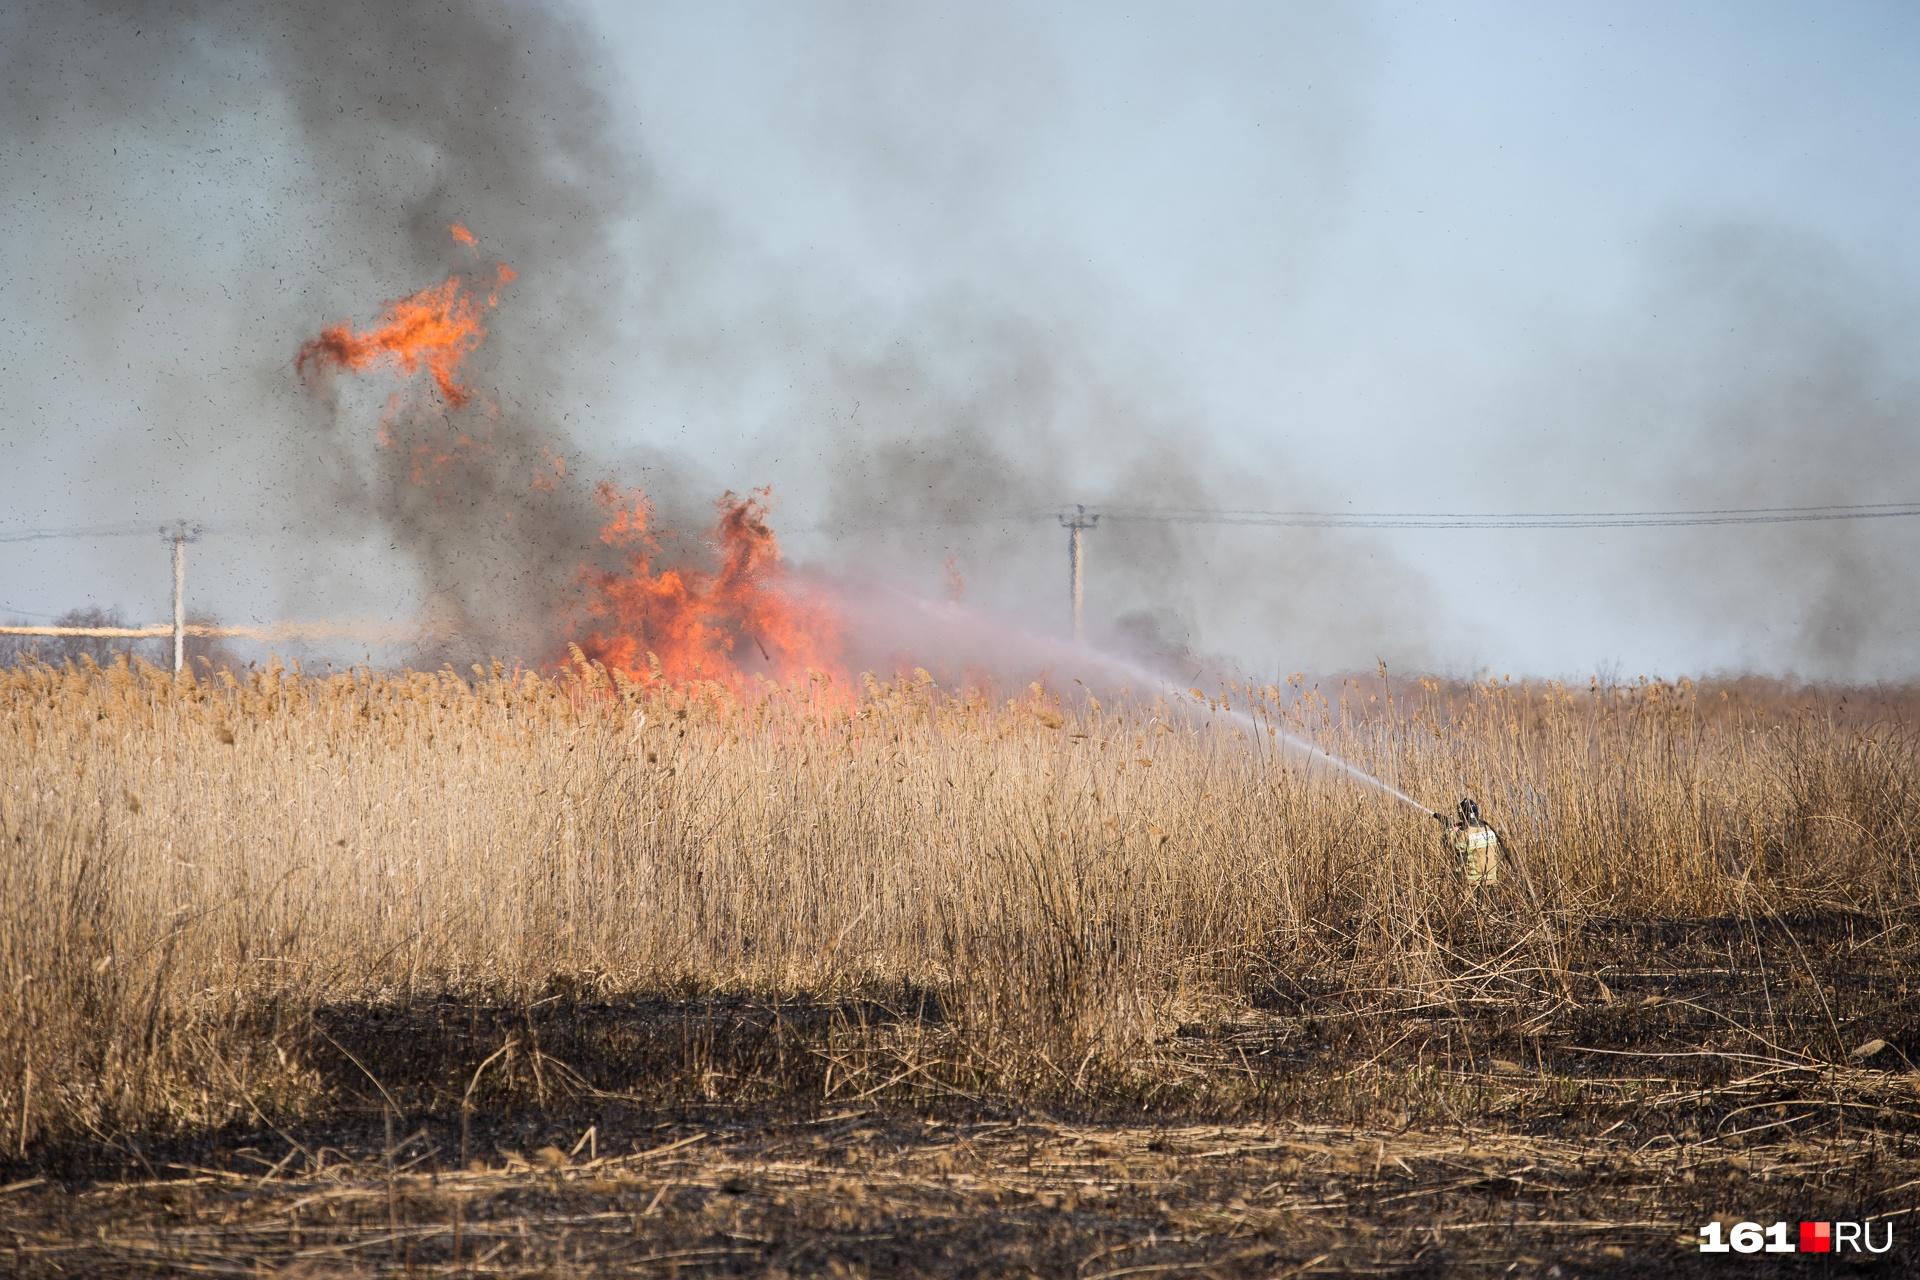 В Ростовской области объявили штормовое предупреждение из-за пожароопасности